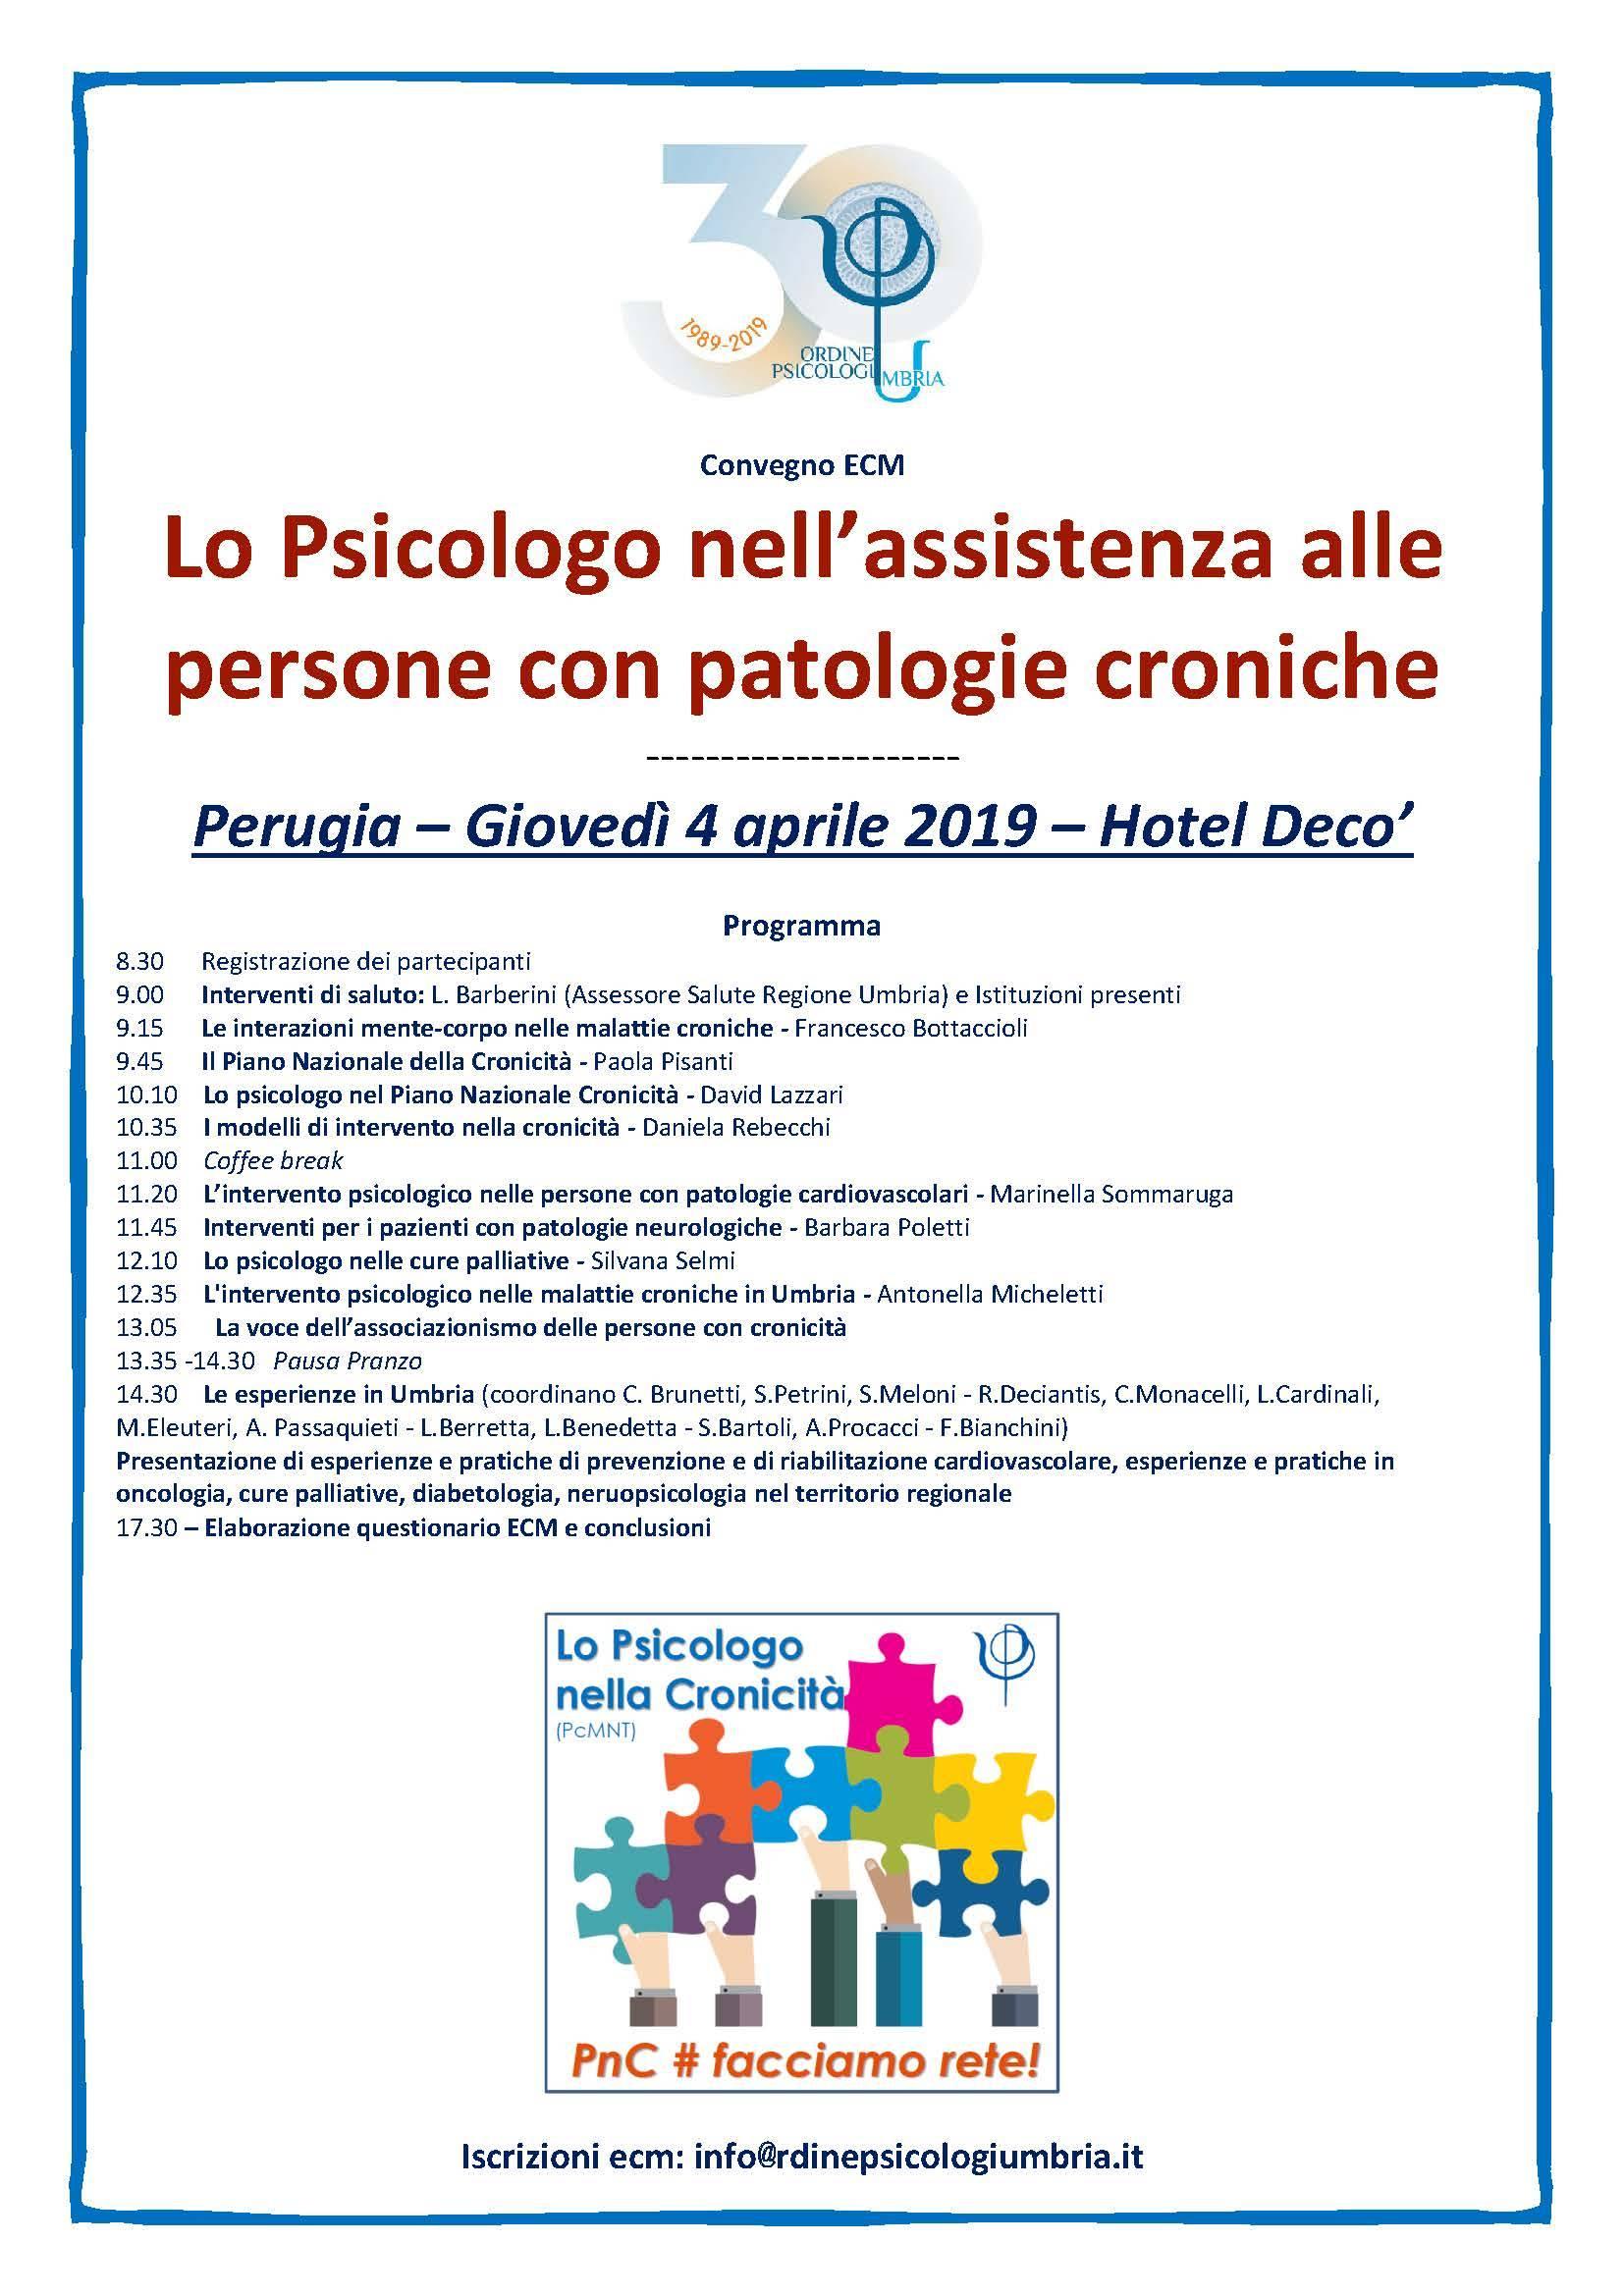 Lo Psicologo nell'assistenza alle persone con patologie croniche